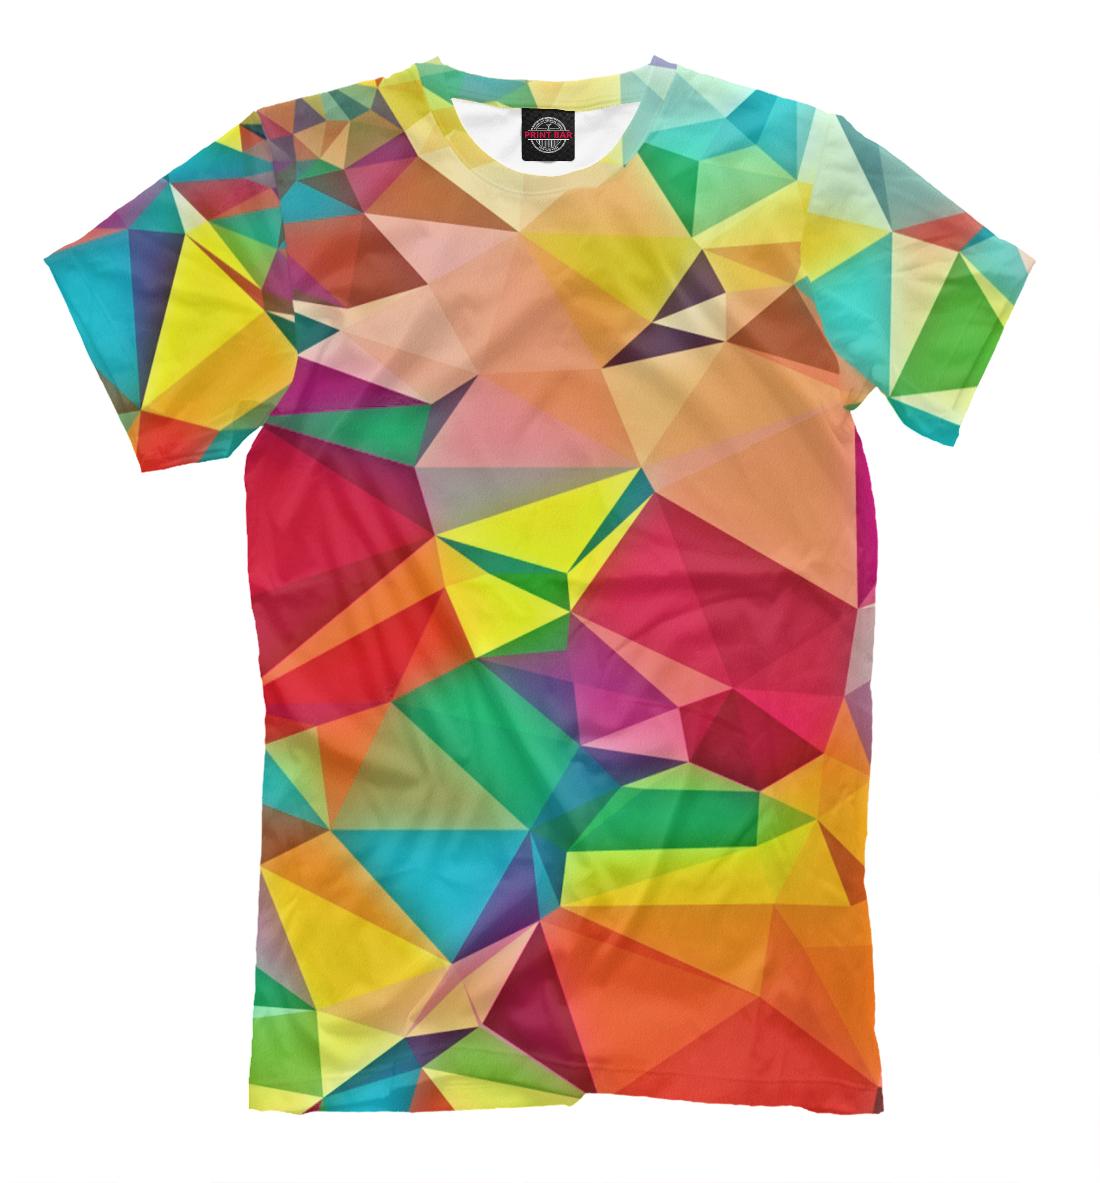 Купить Цветная абстракция, Printbar, Футболки, ABS-277635-fut-2